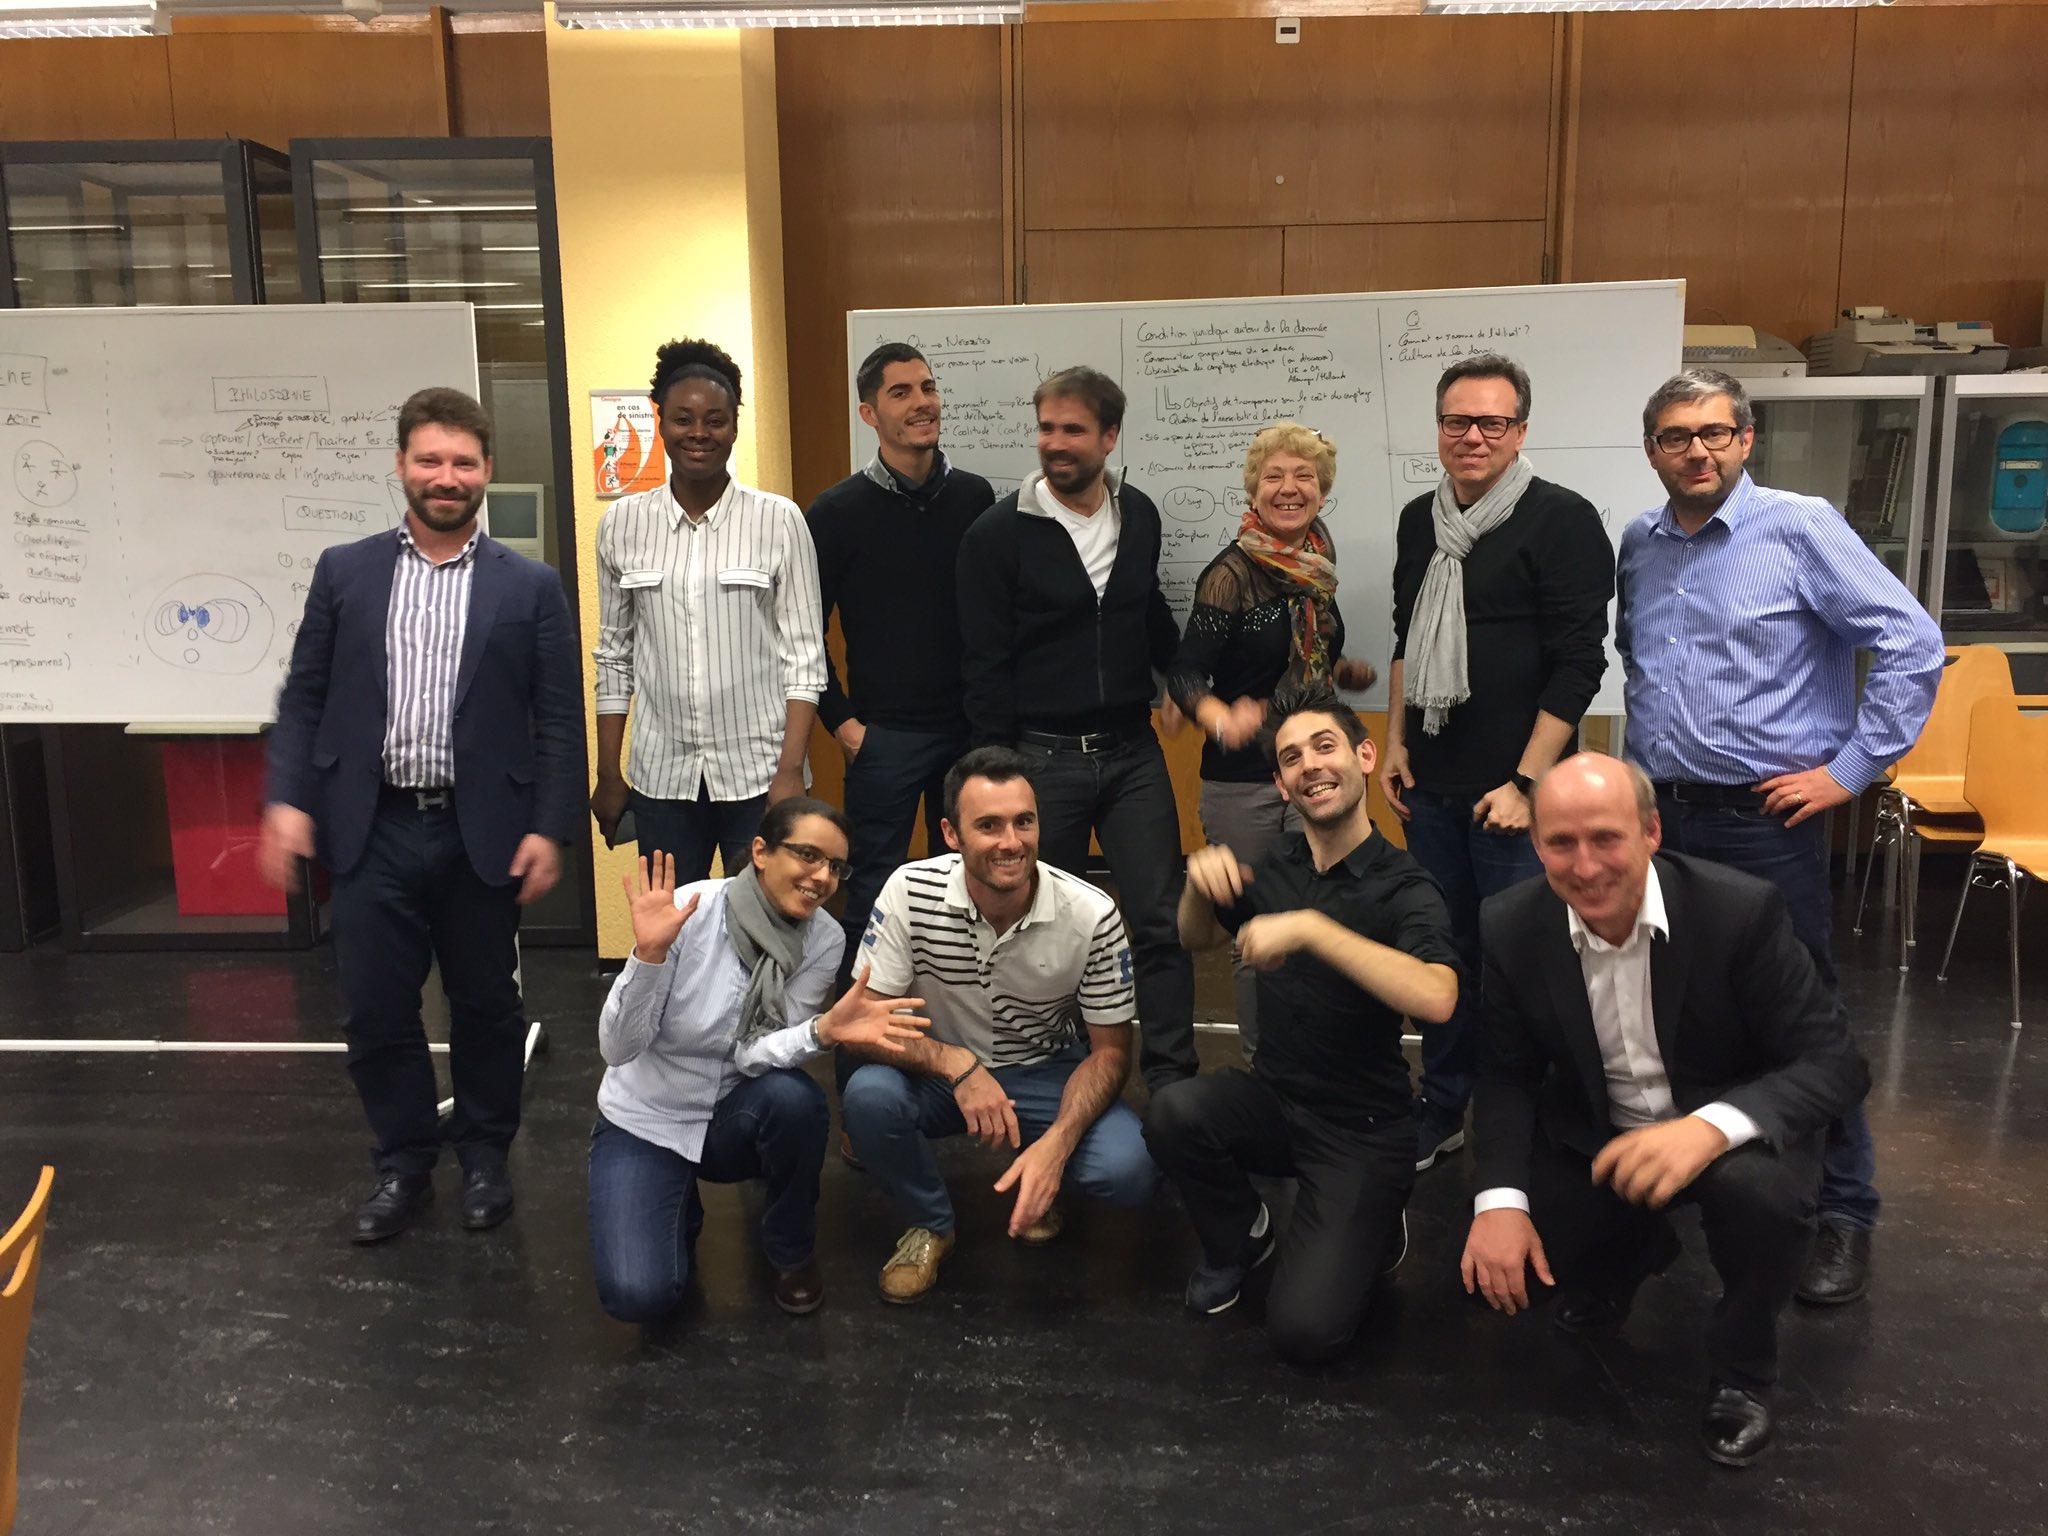 Blockchain et Énergie #UrbanEntrepreneurs @CDrevo @CallMeDaisee merci !!! https://t.co/GIHeagXrm2